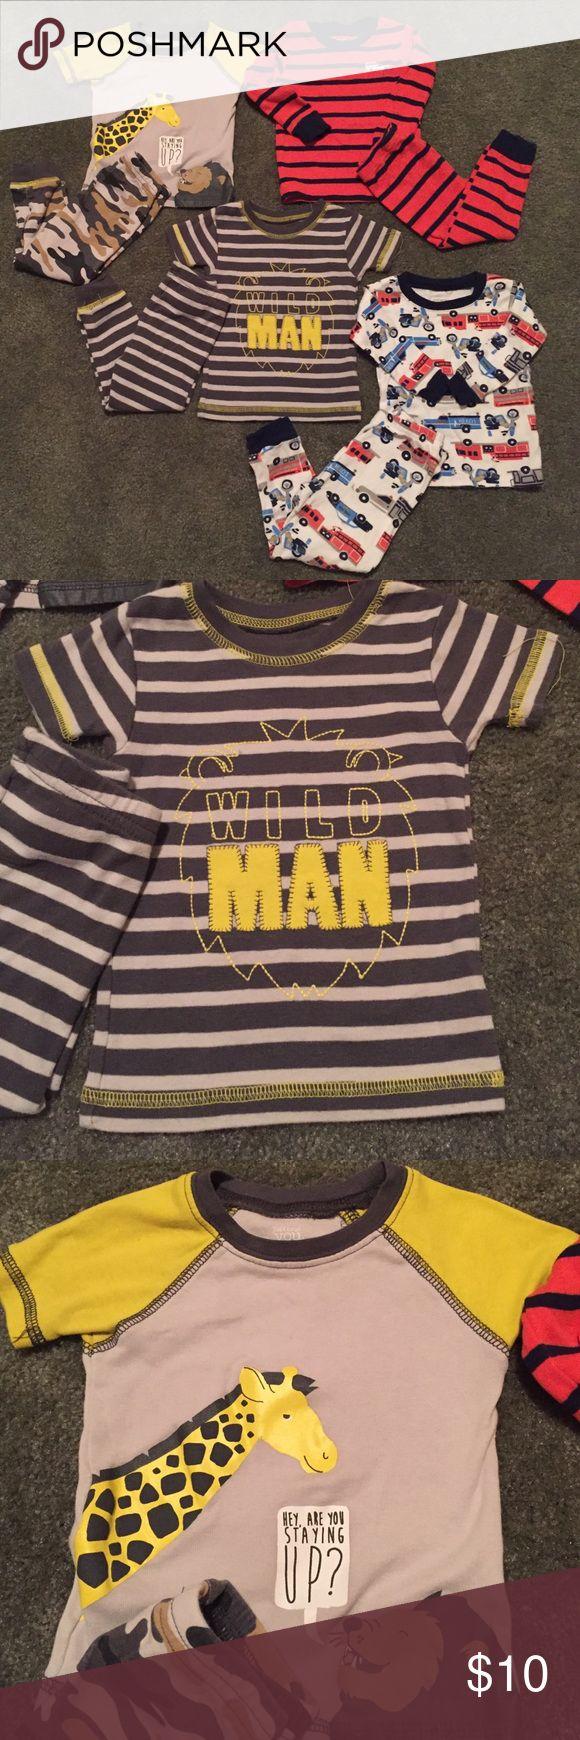 Pajamas 4 two piece sets of baby boy pajamas Carter's Pajamas Pajama Sets